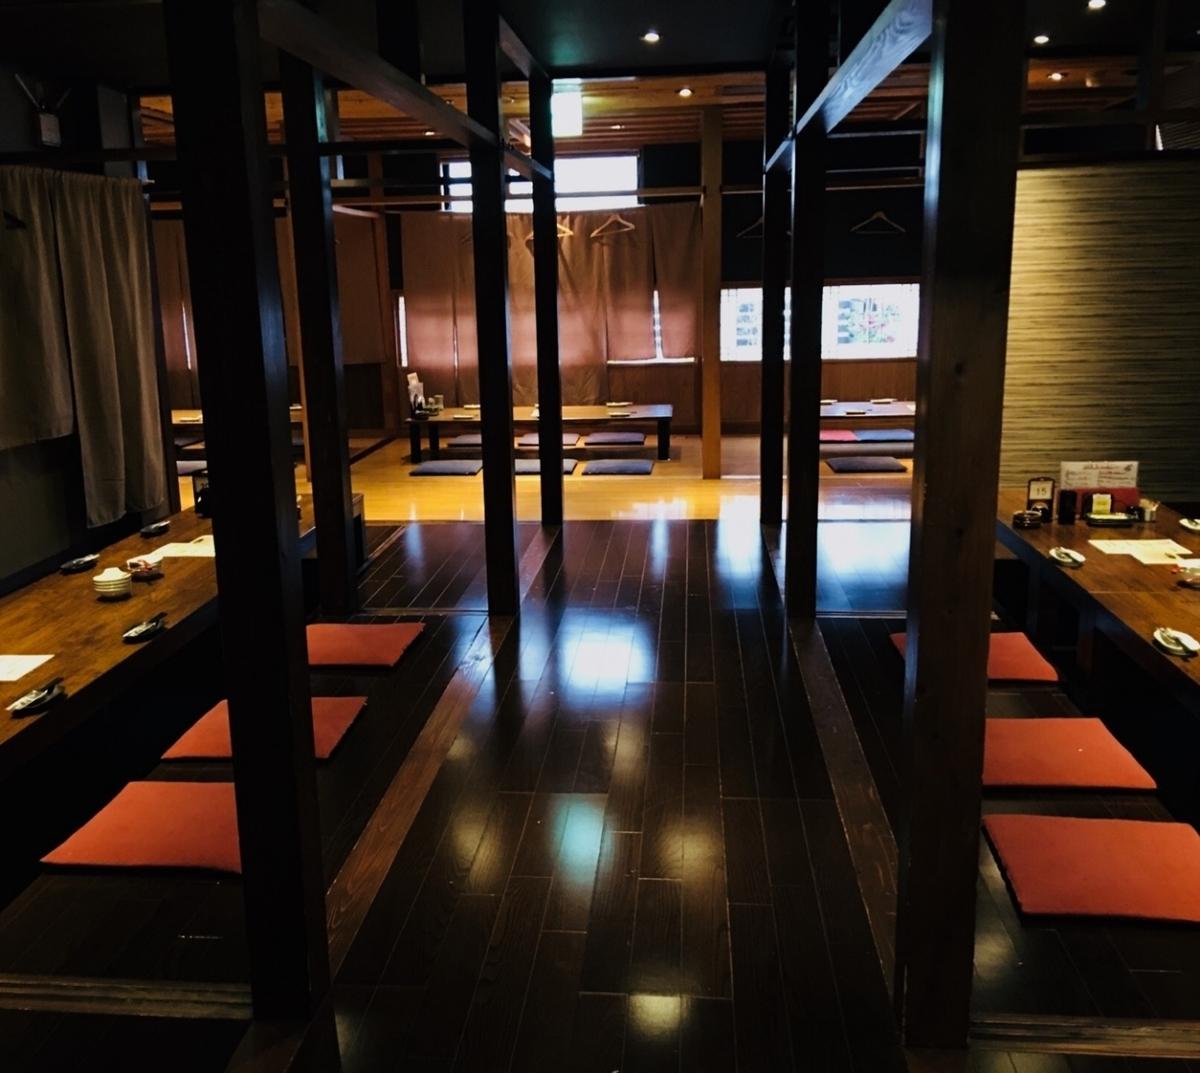 租用小座位(大崎/挖掘座位)可容納多達52位客人的宴會!歡迎諮詢我們有關公司宴會和校友會的信息。